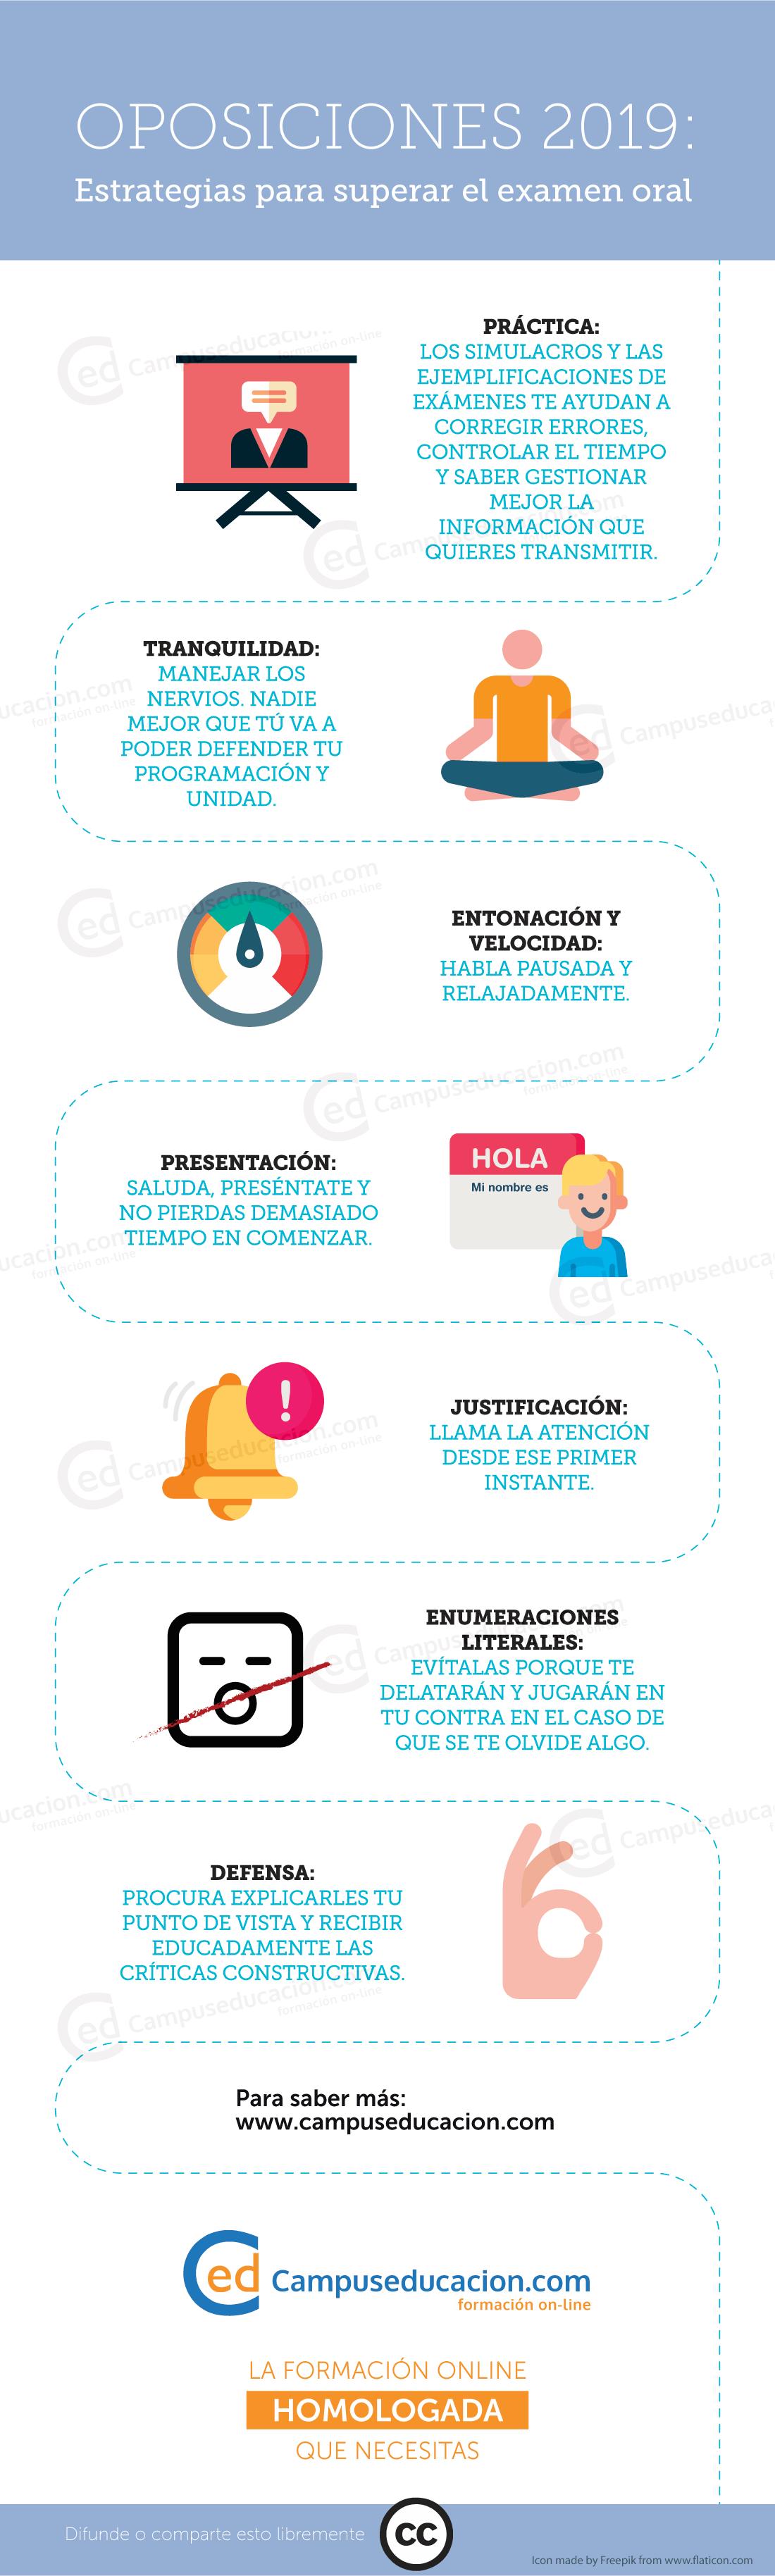 oposiciones 2019 estrategias examen oral